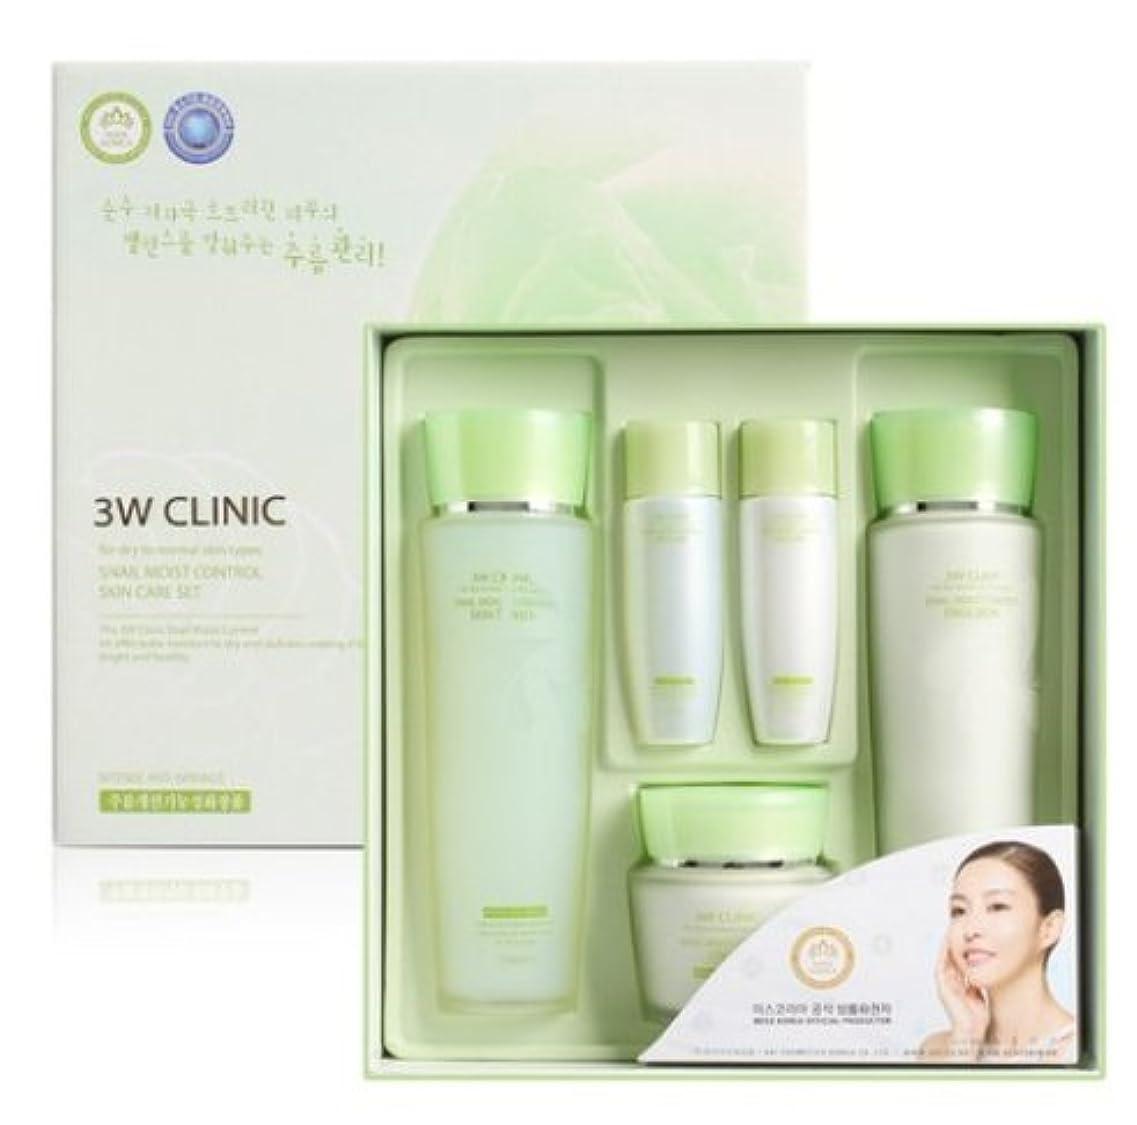 誇張するスペル原子3Wクリニック[韓国コスメ3w Clinic]Snail Moist Control Skin Care Set カタツムリモイストコントロールスキンケア3セット樹液,乳液,クリーム [並行輸入品]